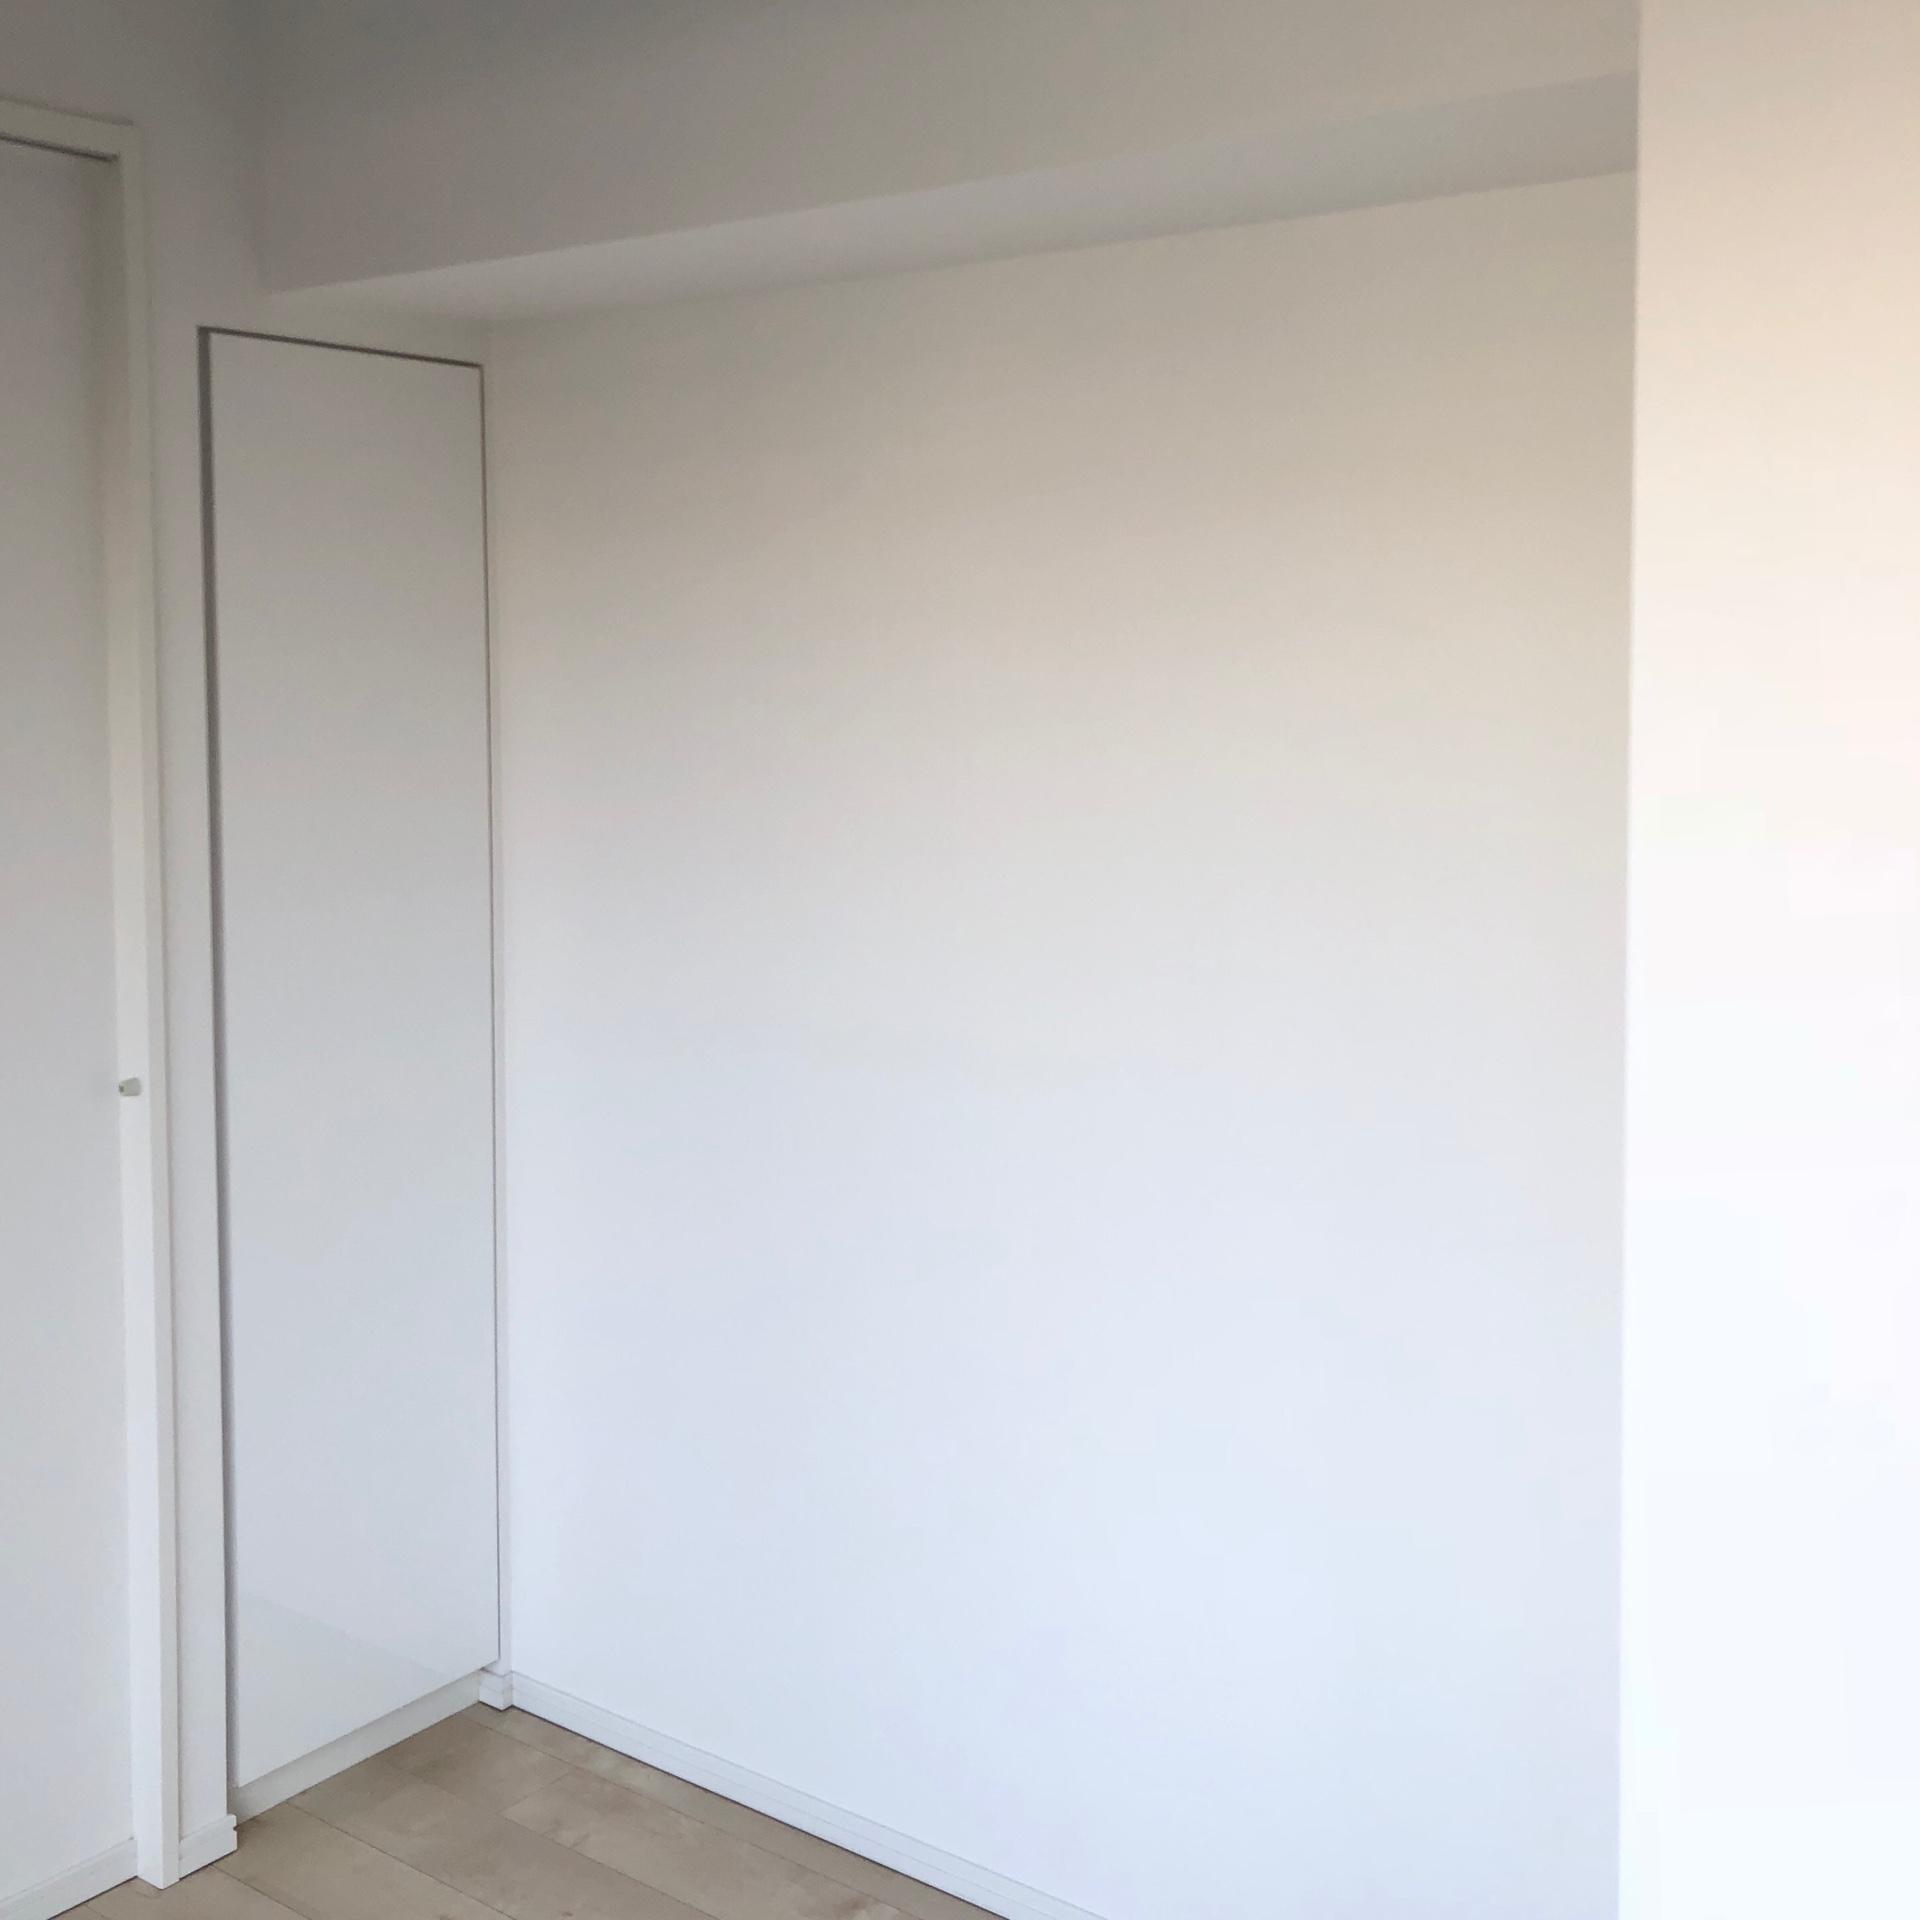 ホームオフィス家具おしゃれ内装レイアウト